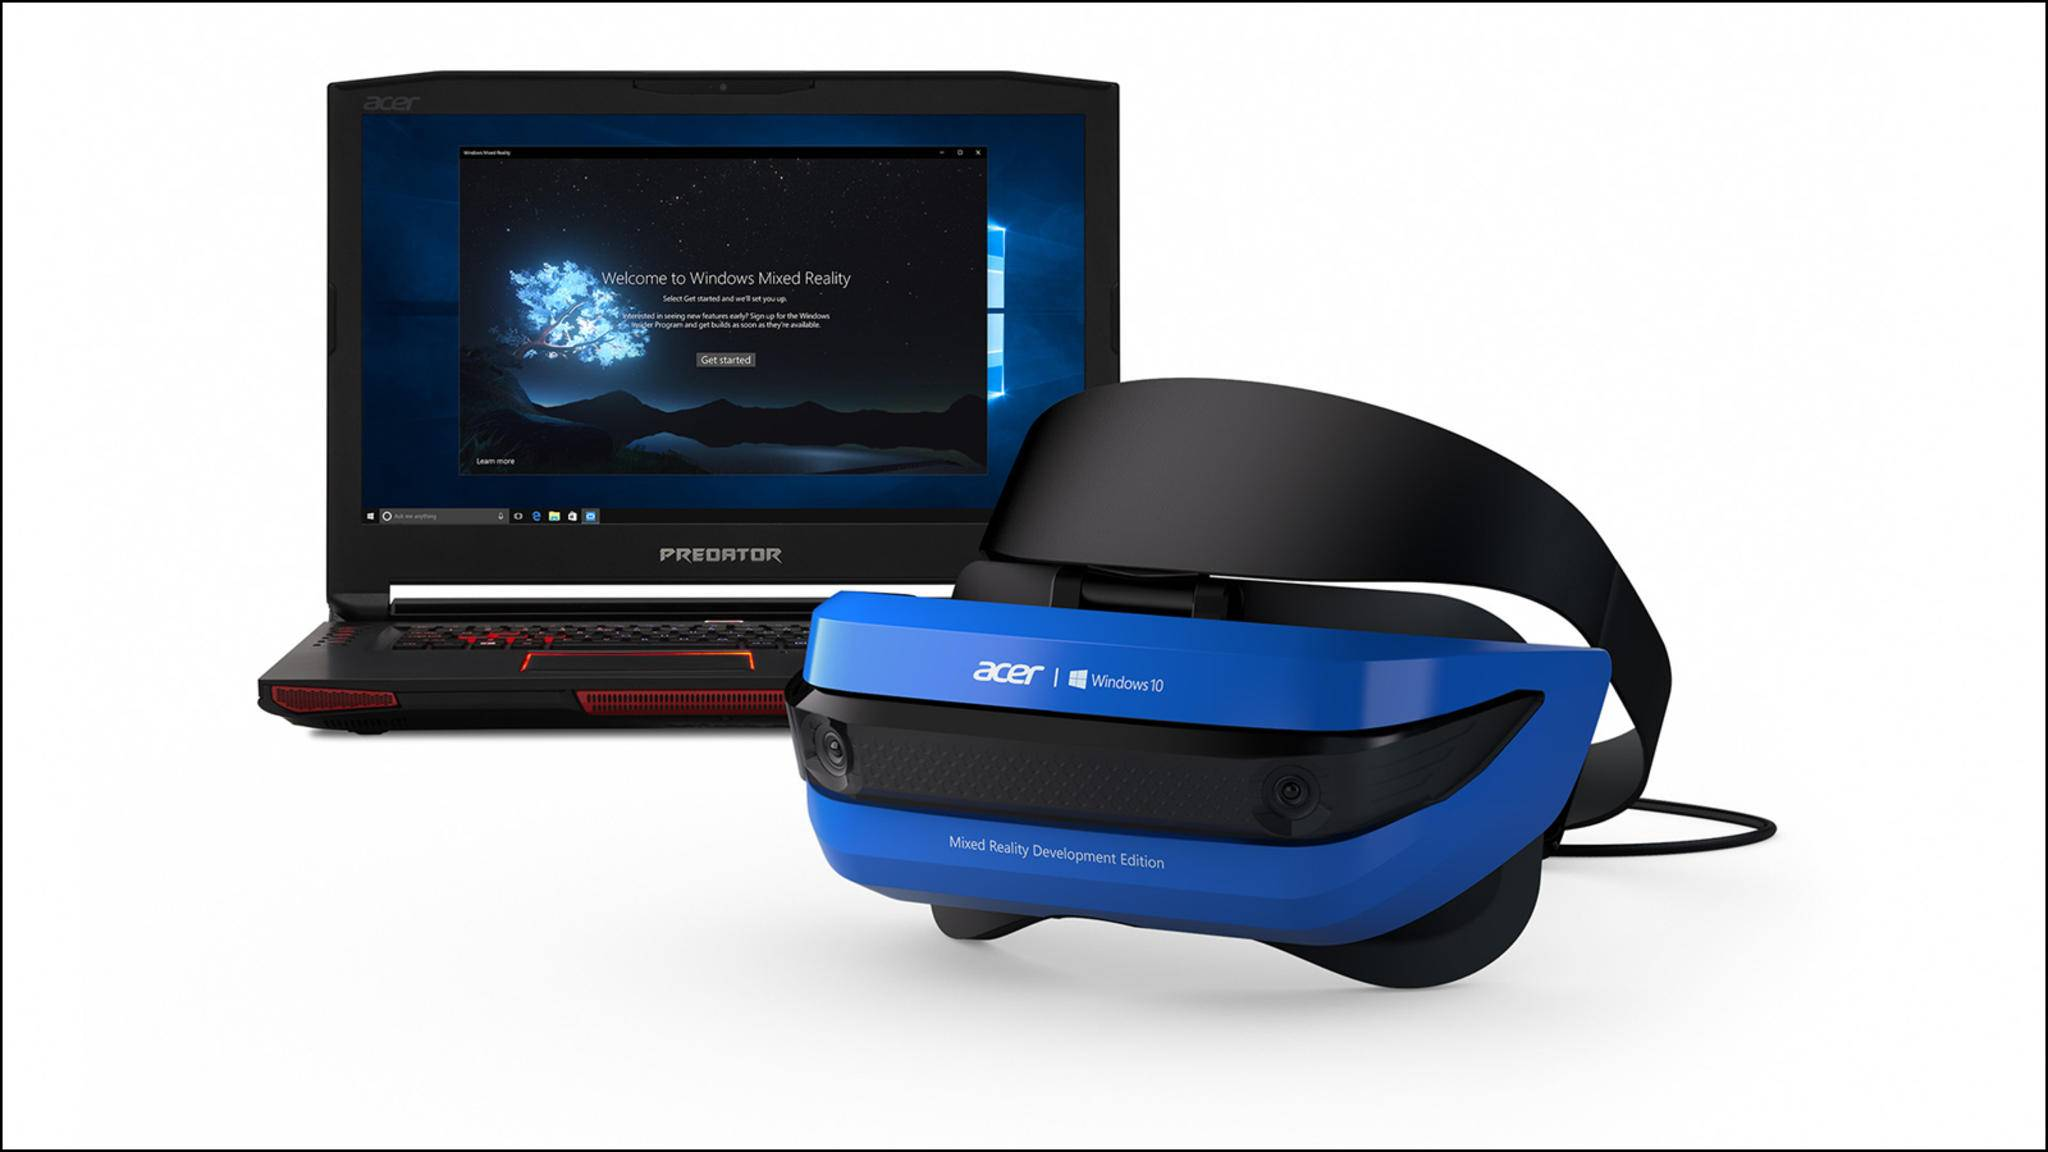 Acer bringt eine Mixed-Reality-Brille für Windows 10 auf den Markt.